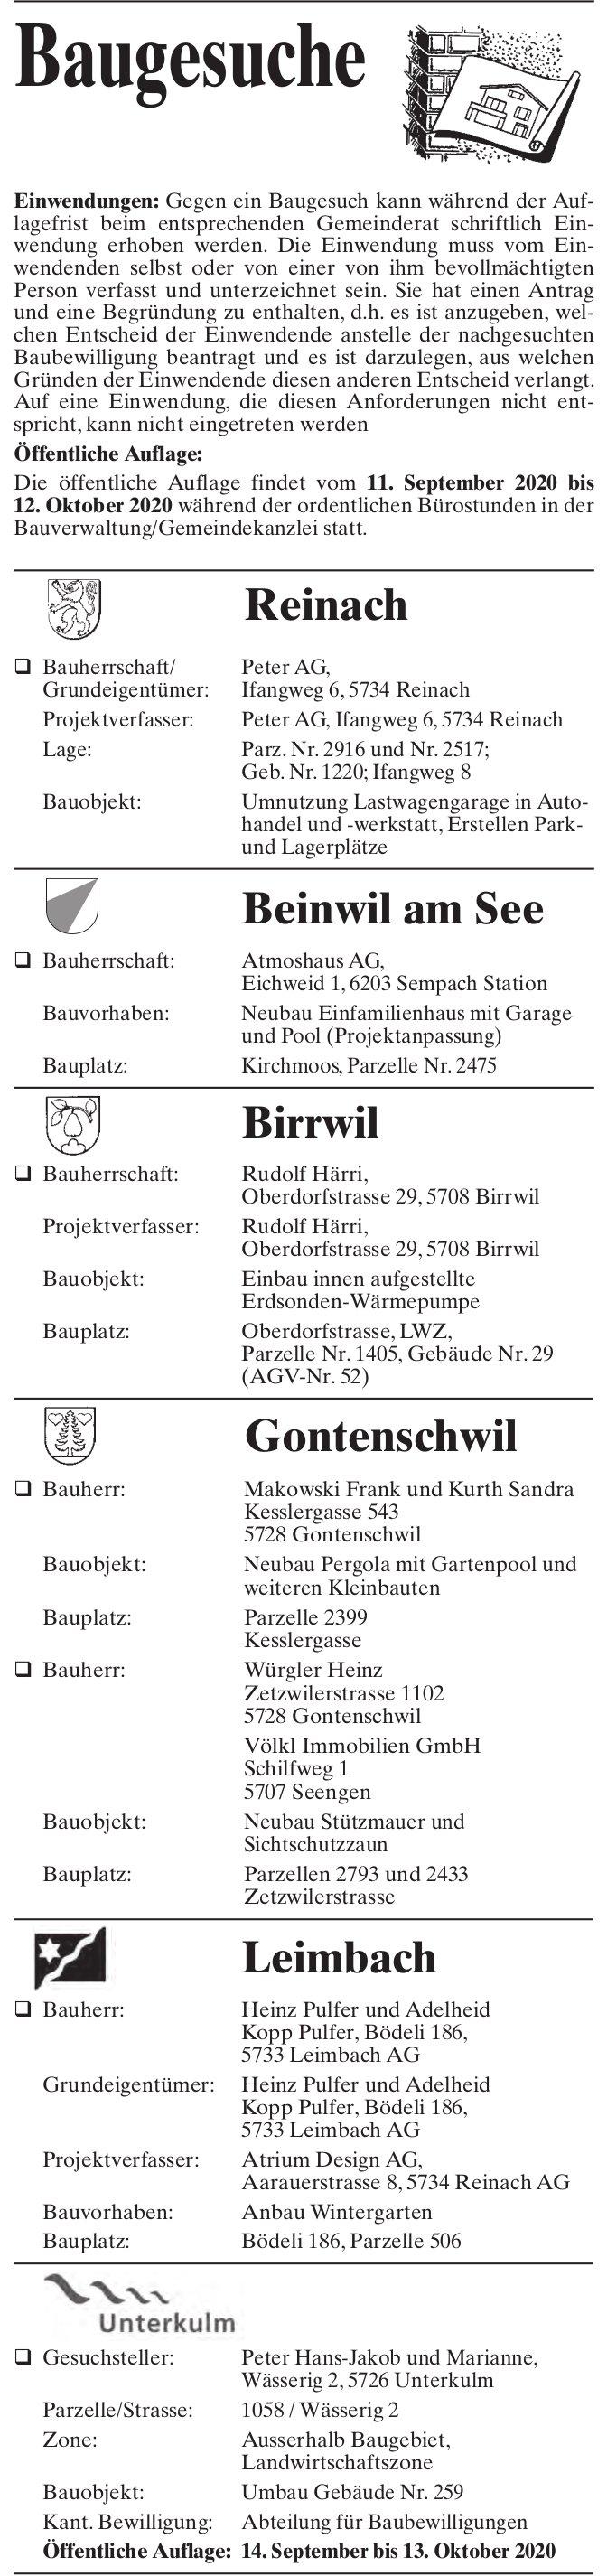 Baugesuche Reinach, Beinwil am See, Birrwil, Gontenschwil, Leimbach & Unterkulm